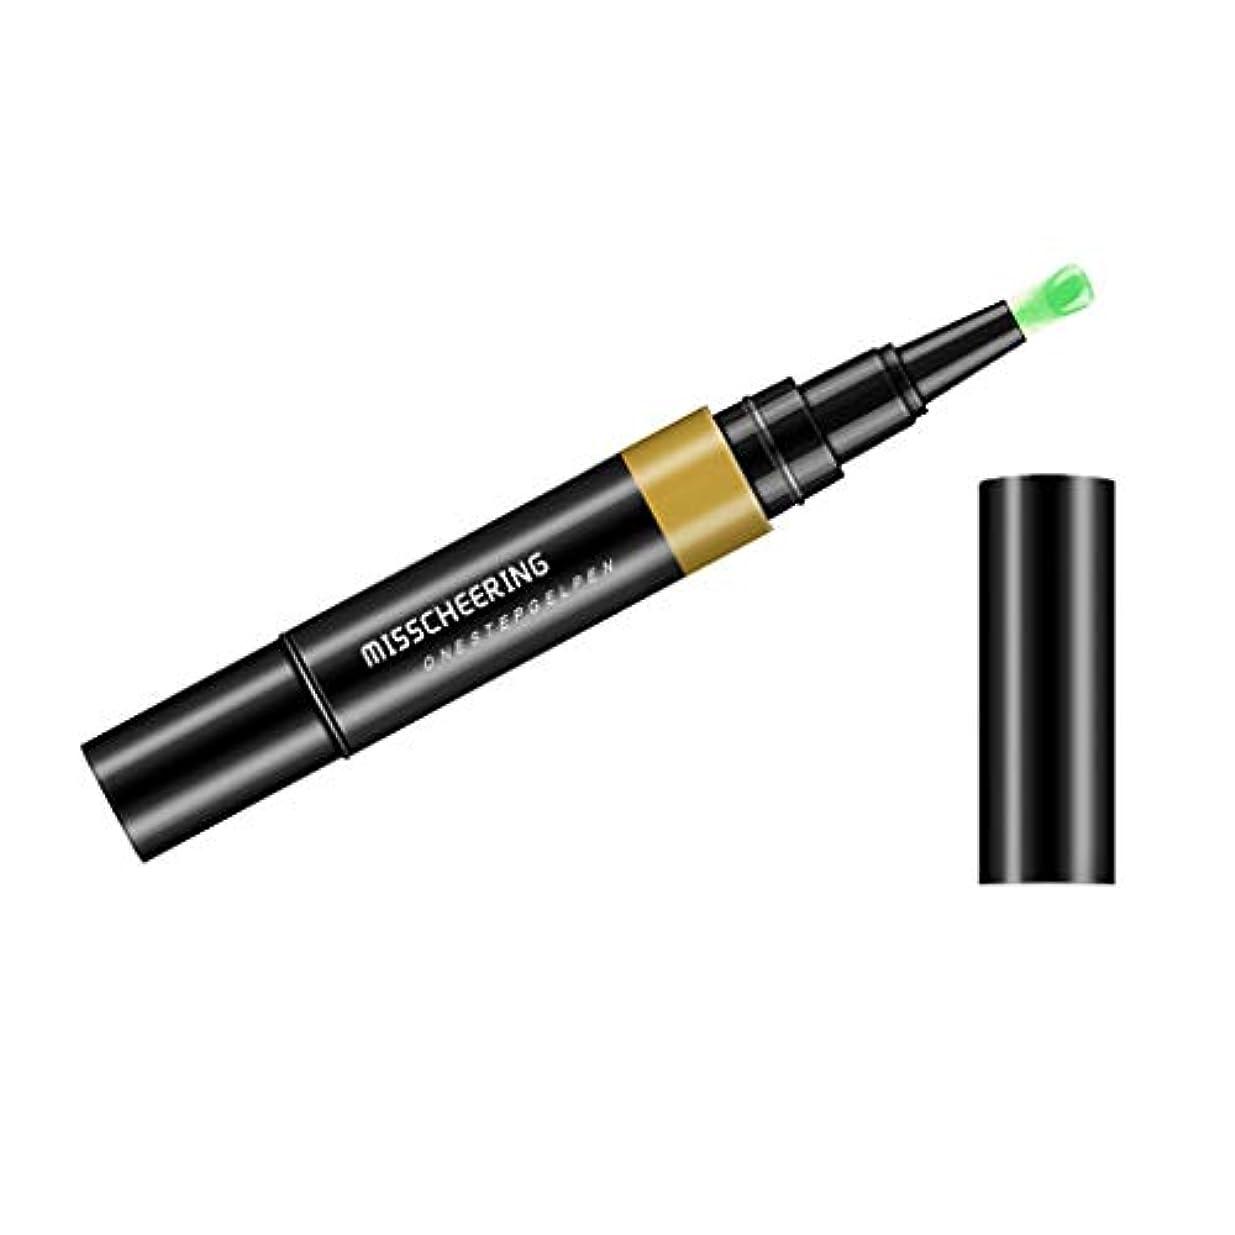 プレゼンターコモランマ上カラーネイルペン 3Dネイルペン ネイルアートペン ジェル マニキュアペン ペイントペン 3 in 1 多色 - グリーン